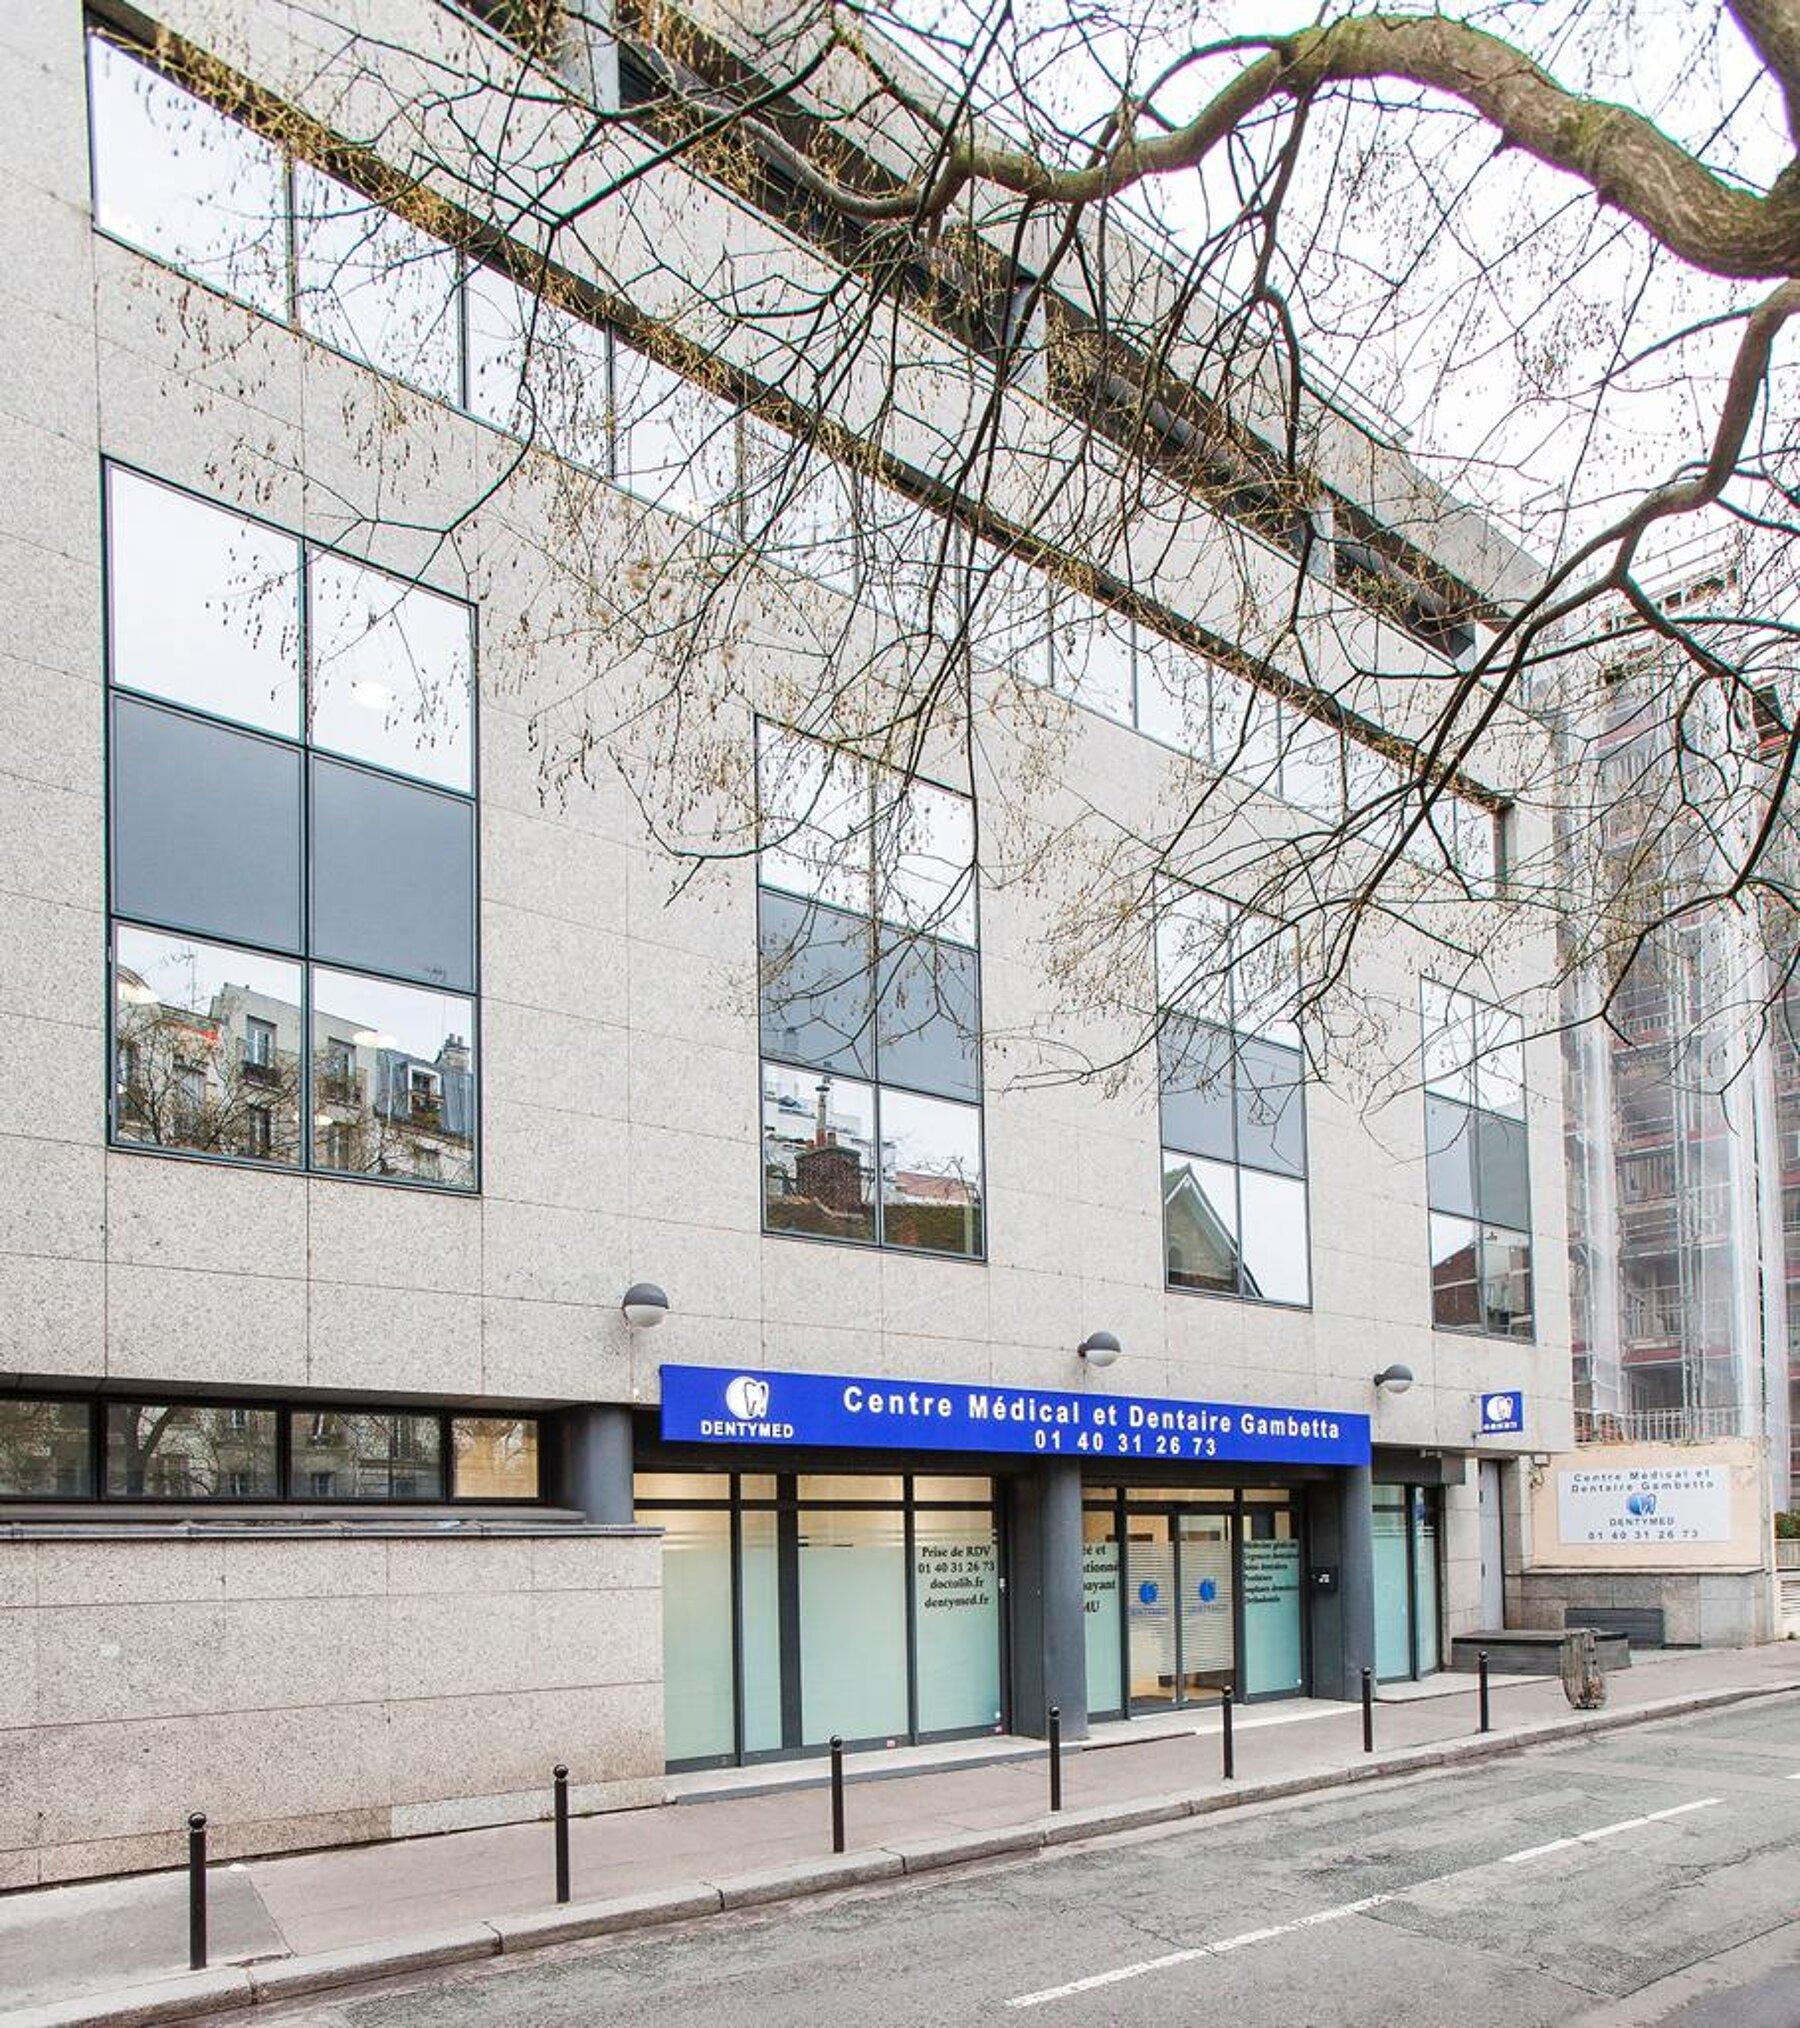 Centre Médical et Dentaire Gambetta